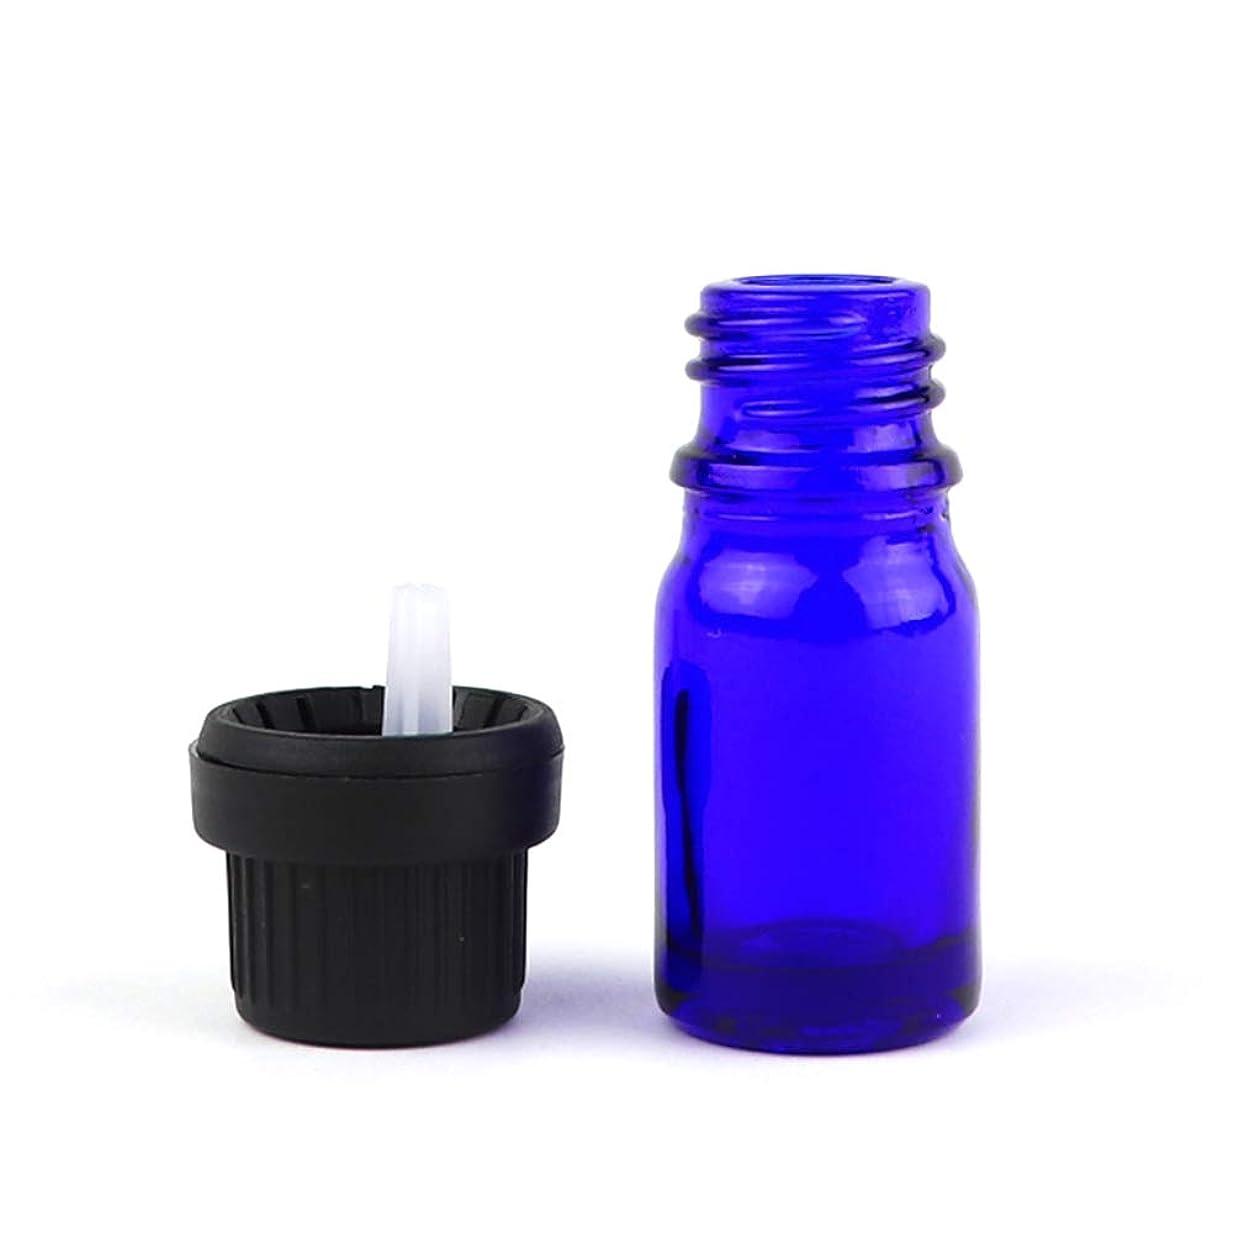 伝導丁寧移植遮光瓶 青色 5ml 21mm×50mm Φ10.5mm 1個入